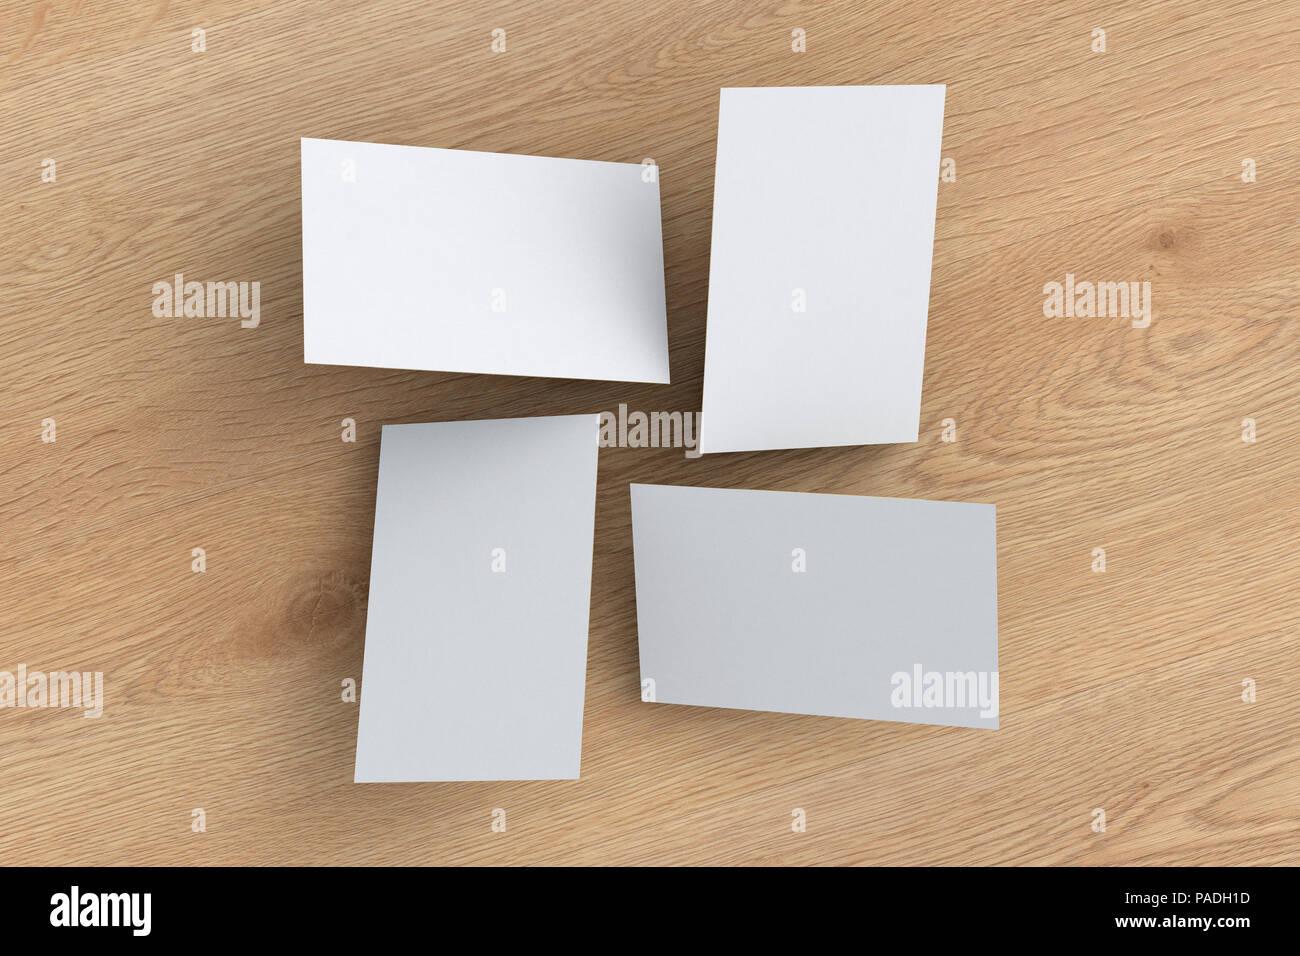 Leere Weiße Visitenkarten über Holz Hintergrund Fliegen 3d